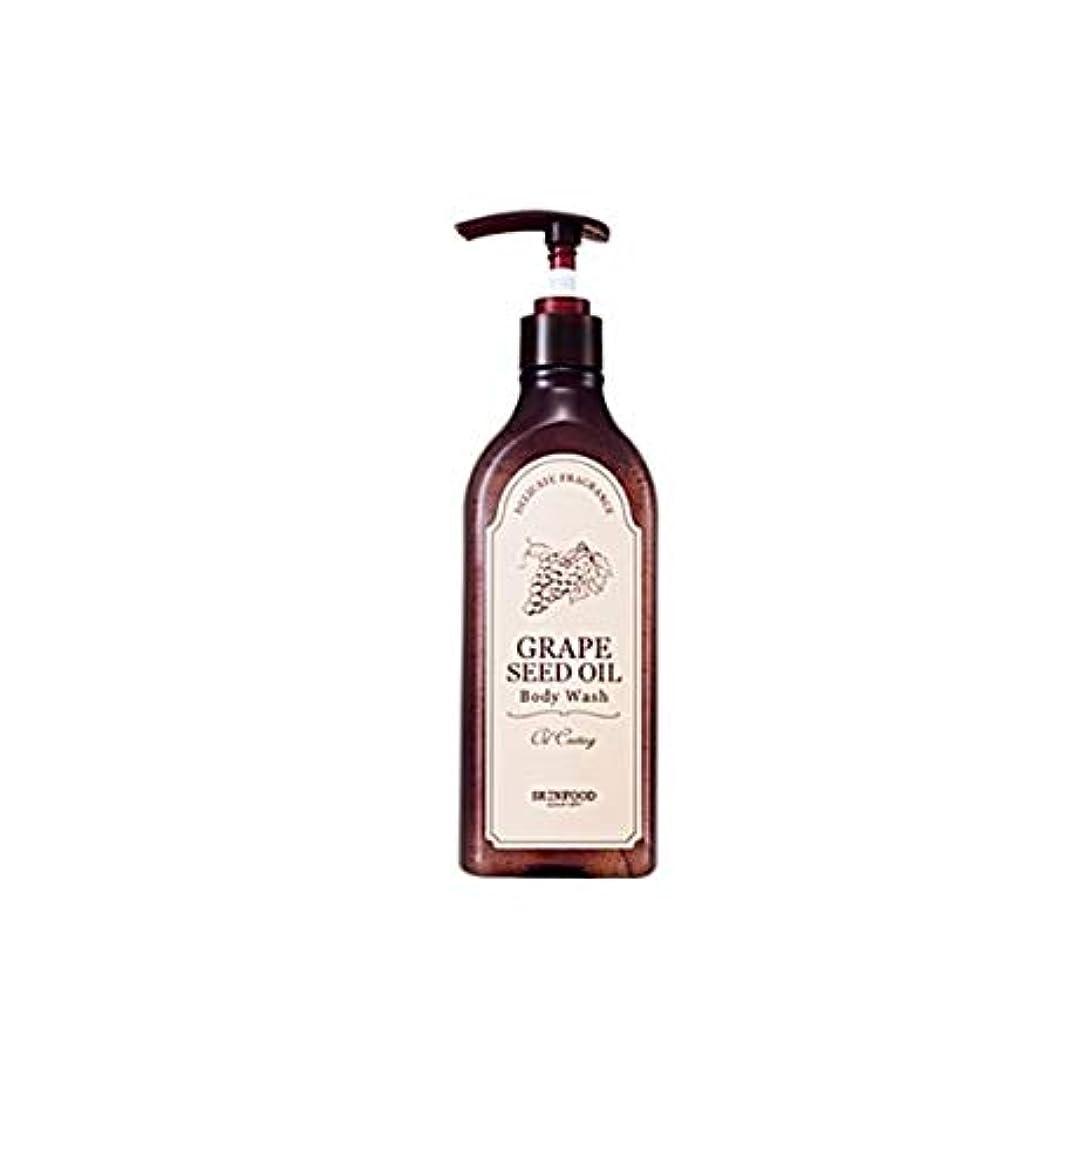 大臣猛烈な習慣Skinfood グレープシードオイルボディウォッシュ/Grape Seed Oil Body Wash 335ml [並行輸入品]